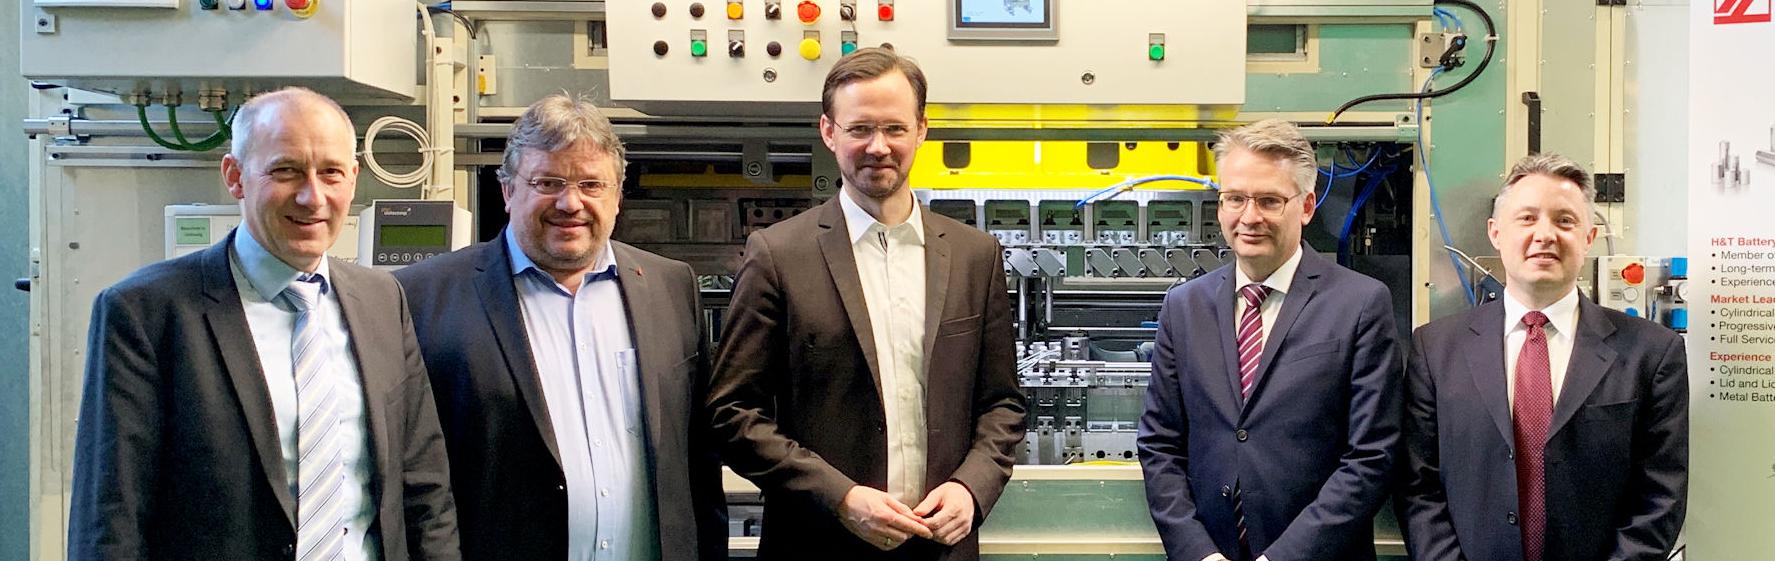 Andreas Rimkus in Marsberg: Besichtigung der Komponentenherstellung für die Batteriezellproduktion in NRW